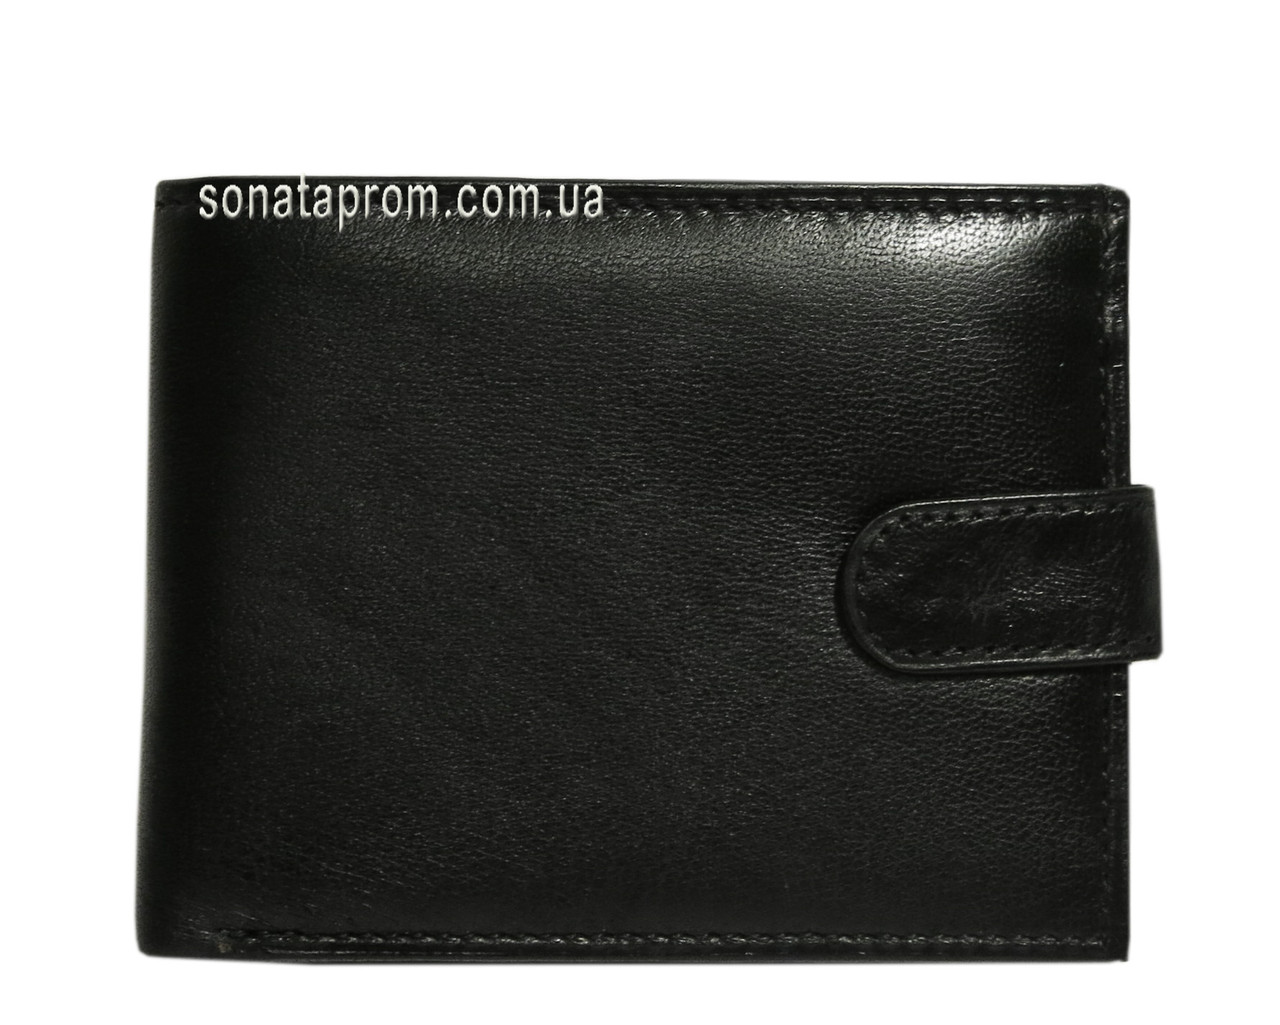 69cb14f9dc81 Кошелек мужской кожаный Индия, цена 339 грн., купить в Киеве — Prom ...